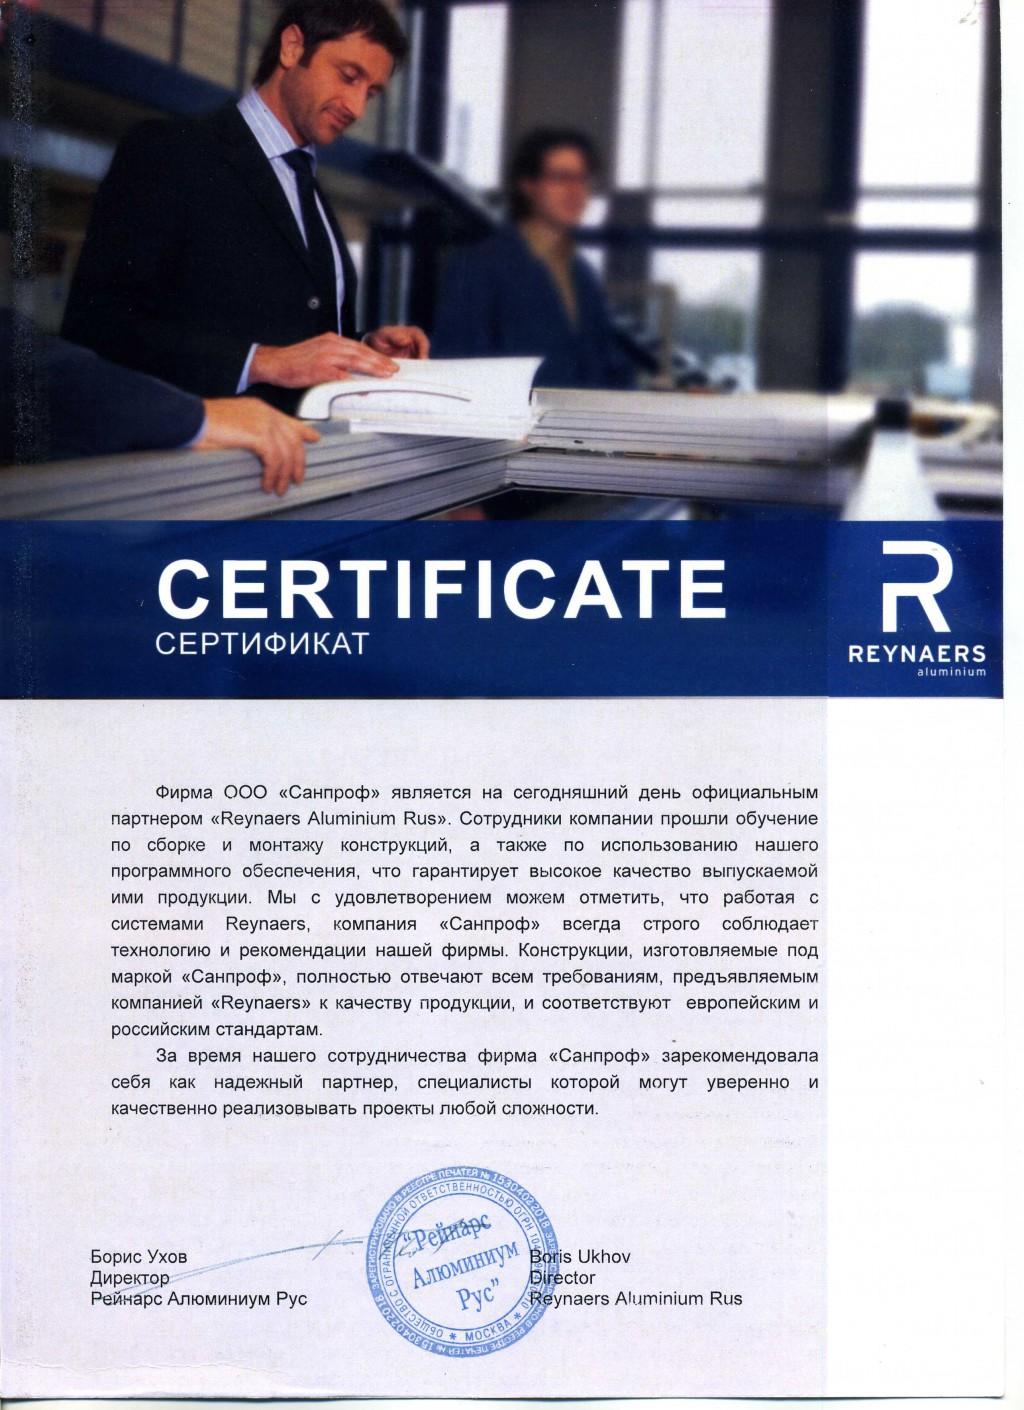 Сертификат официального партнера компании REYNAERS